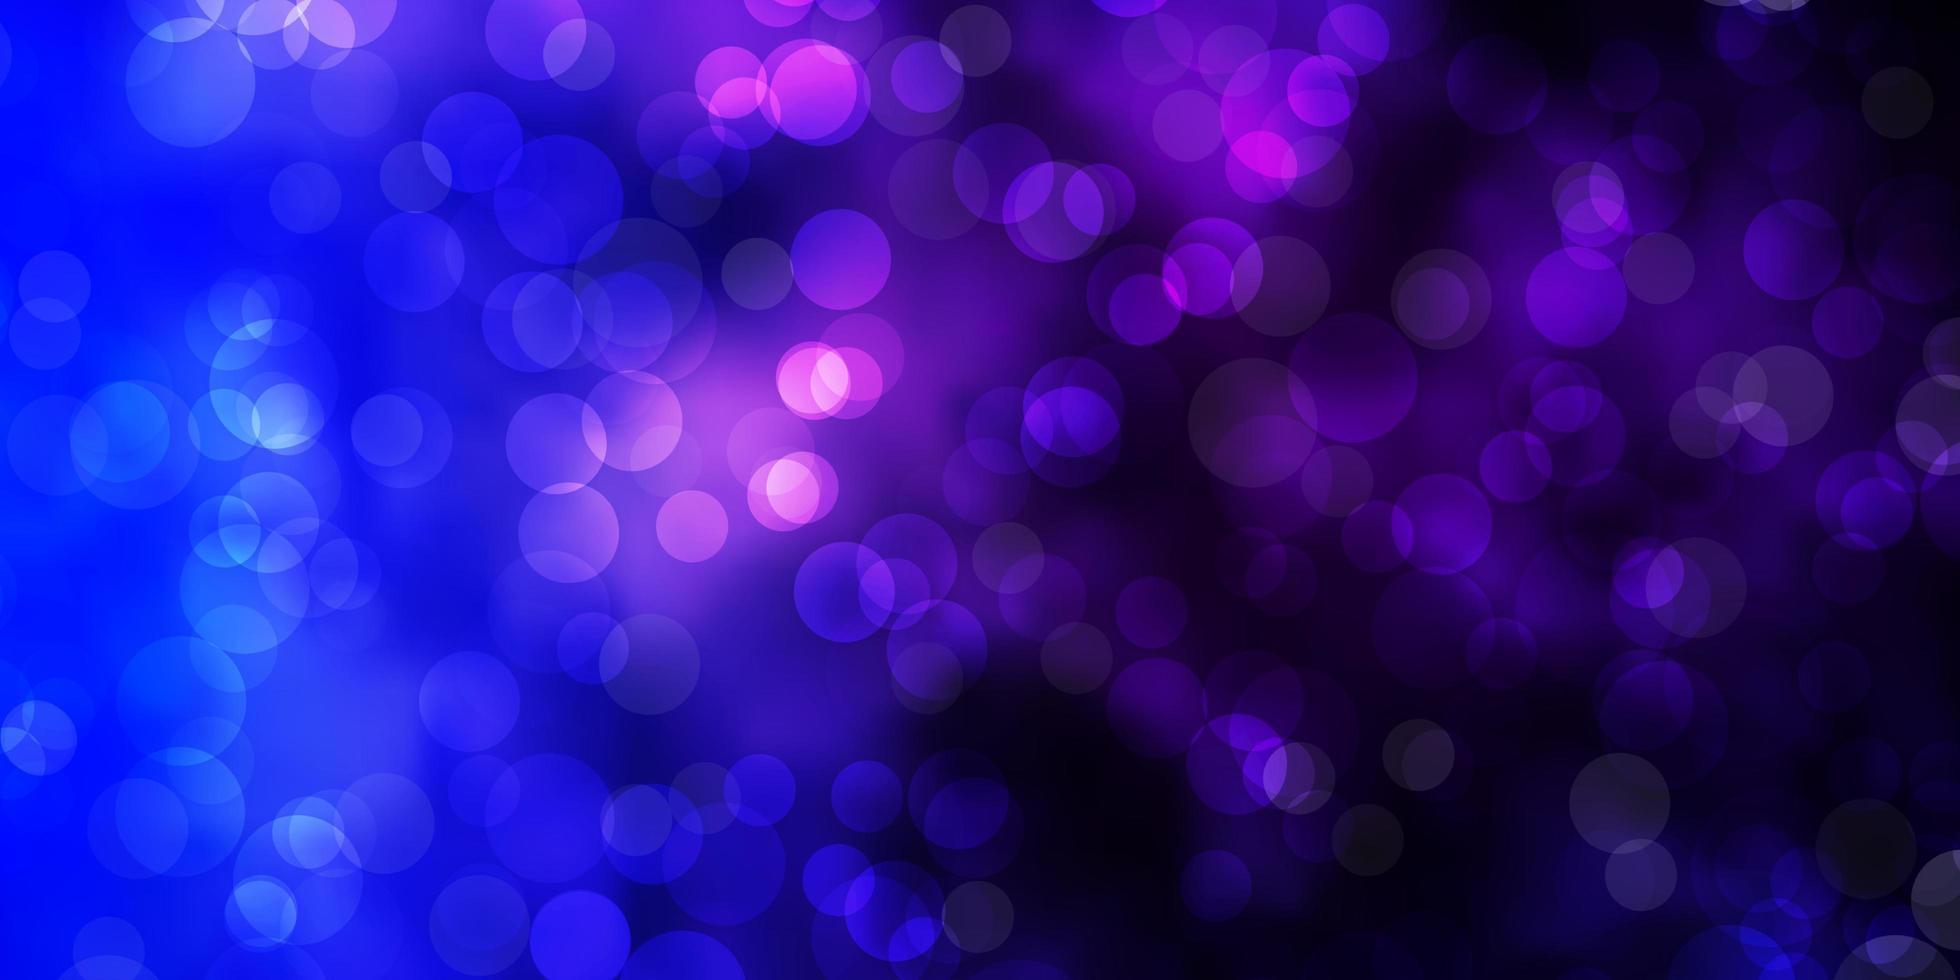 mörkrosa, blått vektormönster med sfärer. vektor